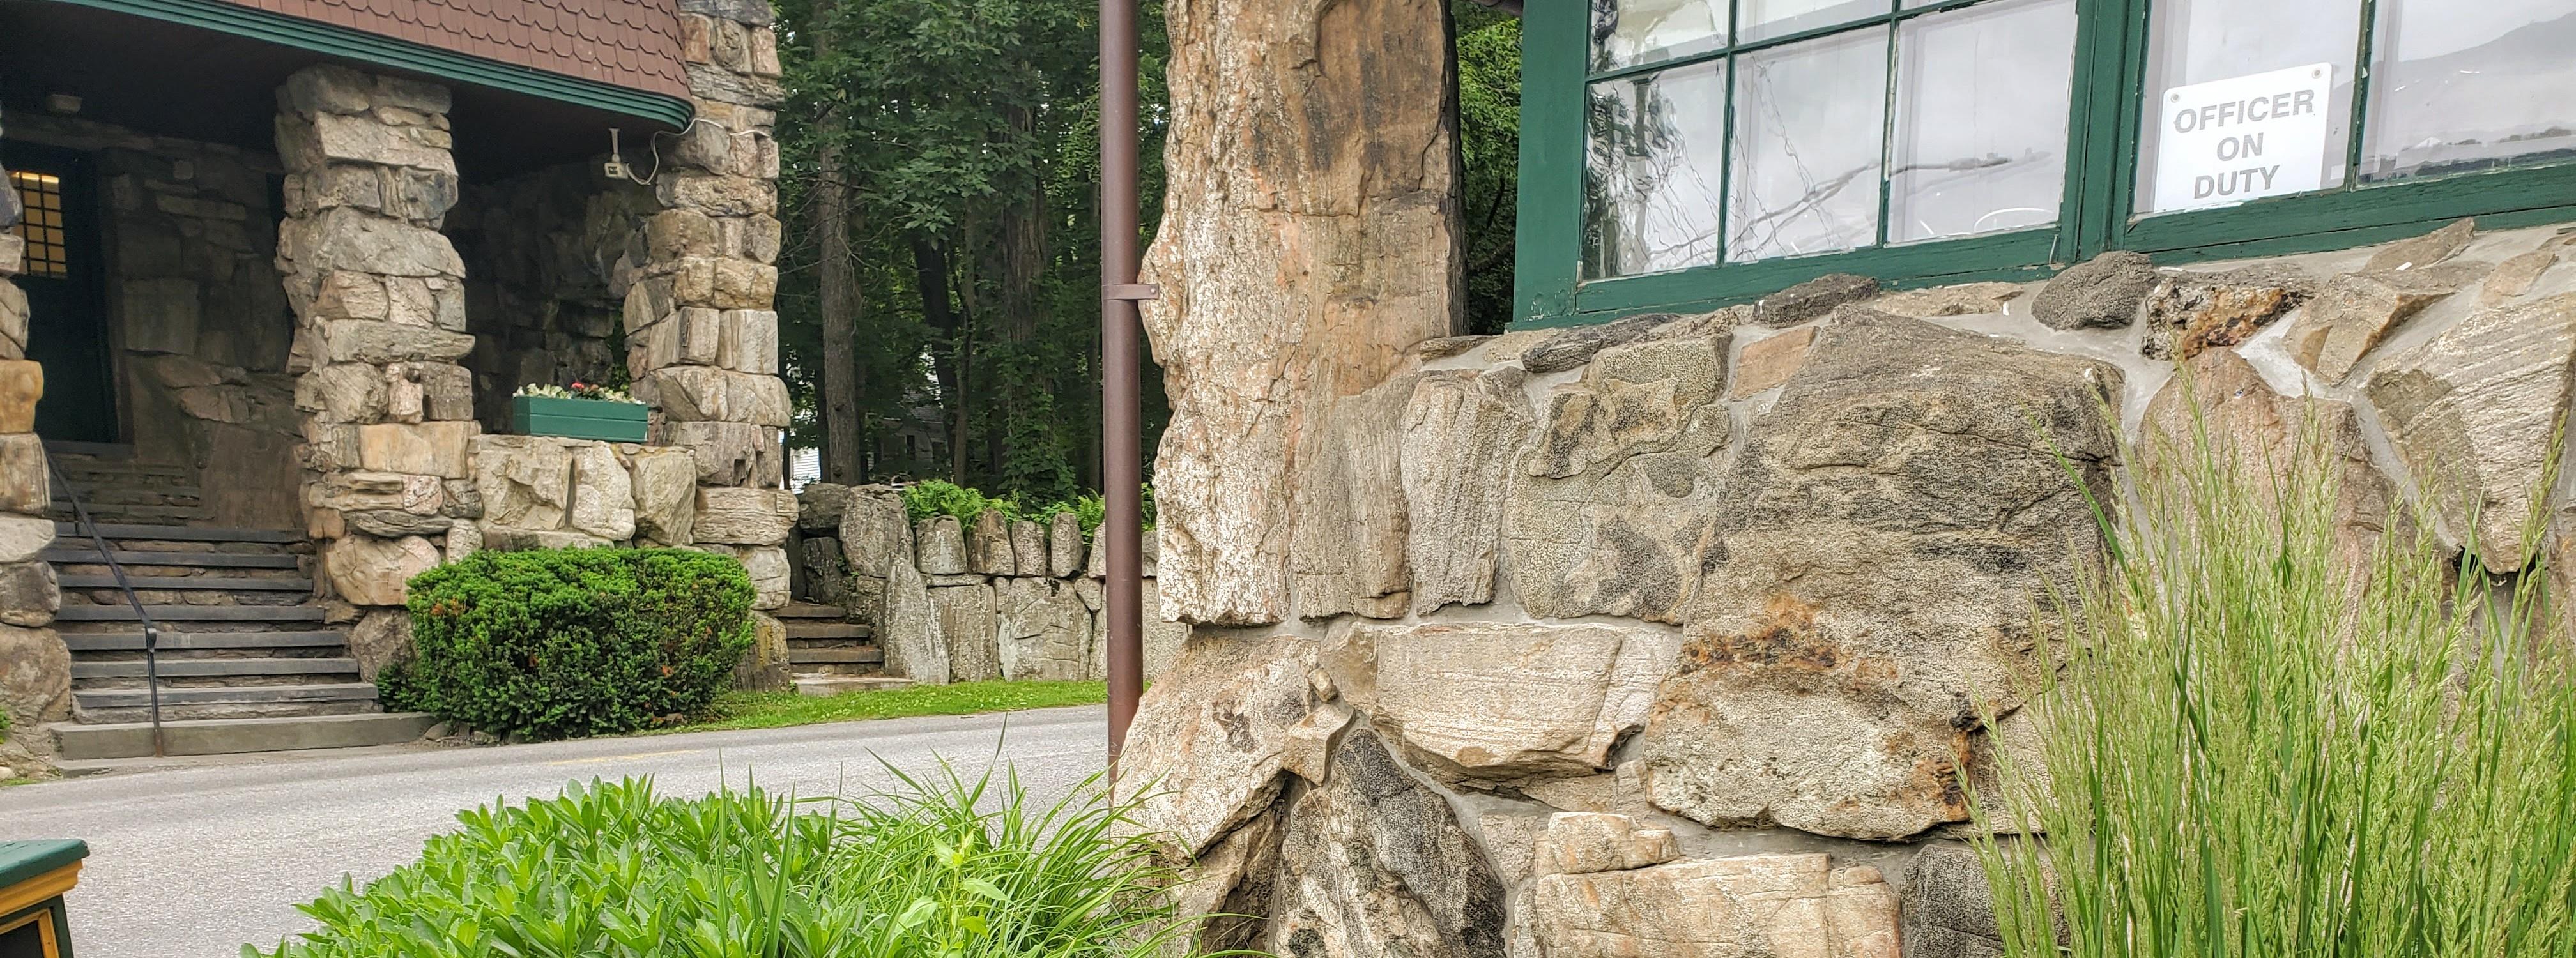 Lodge & Keep Buildings